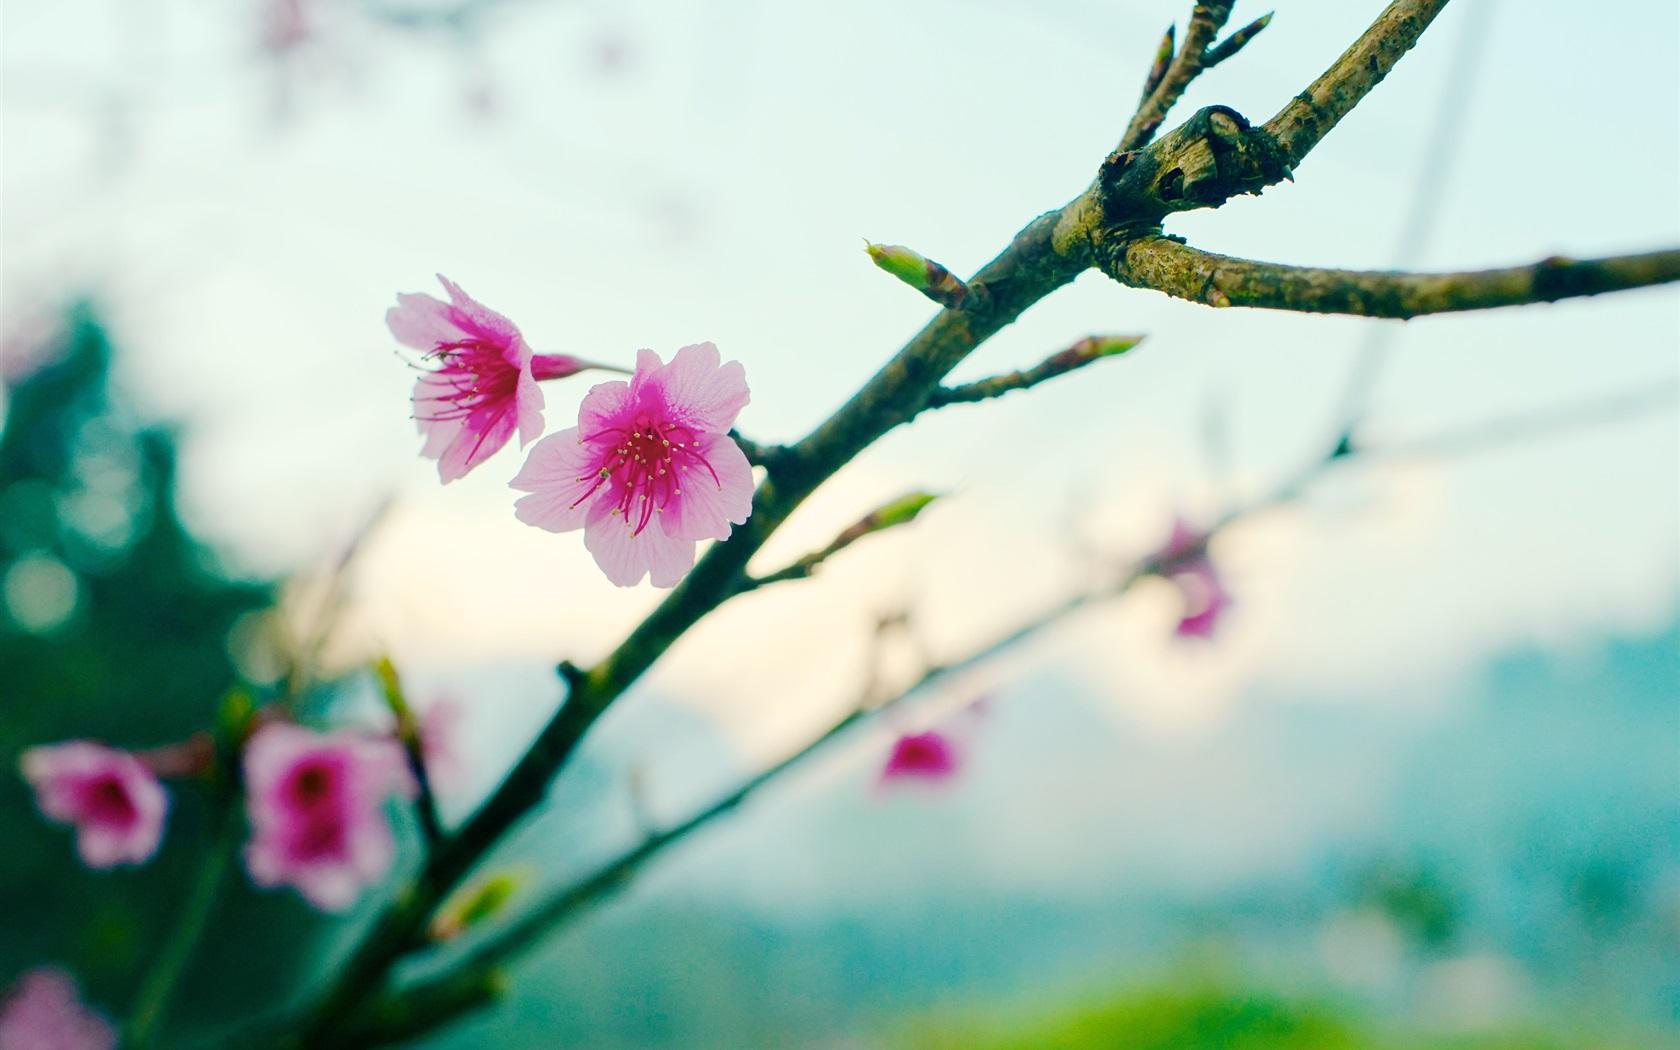 Wallpaper Spring Sakura Flower Bokeh 2560x1600 Hd Picture